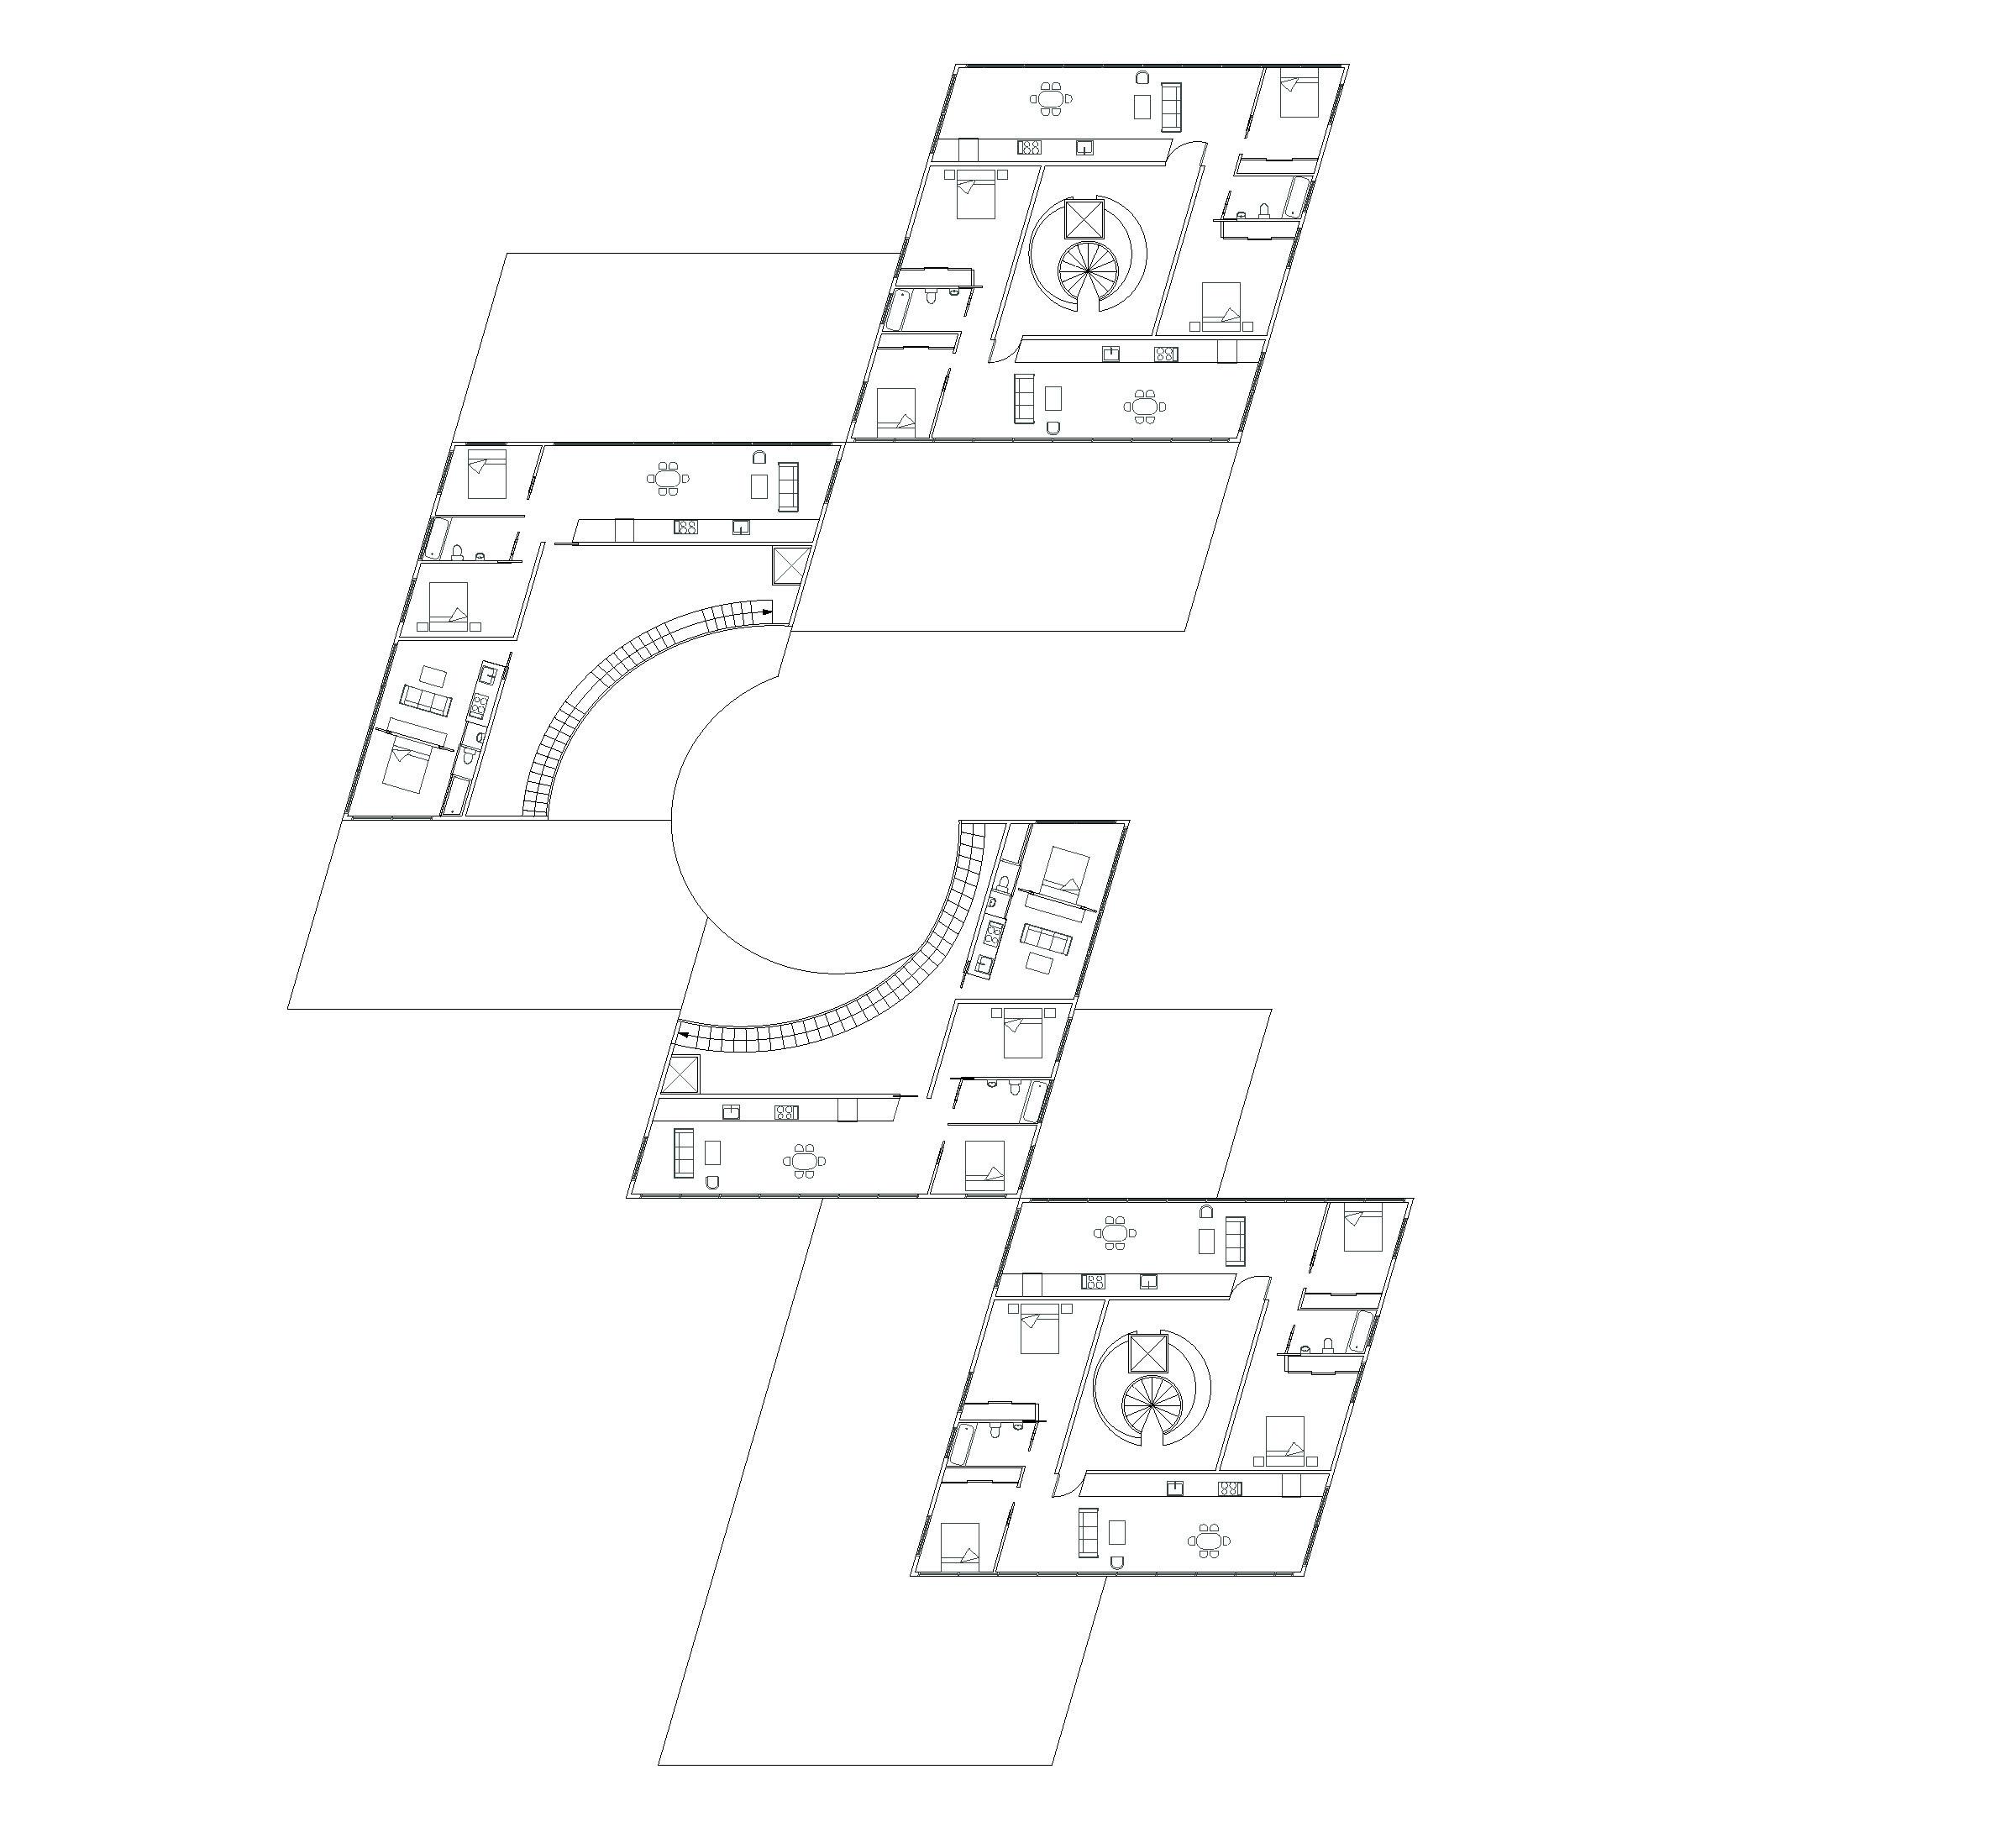 Unit Aggregation Plan